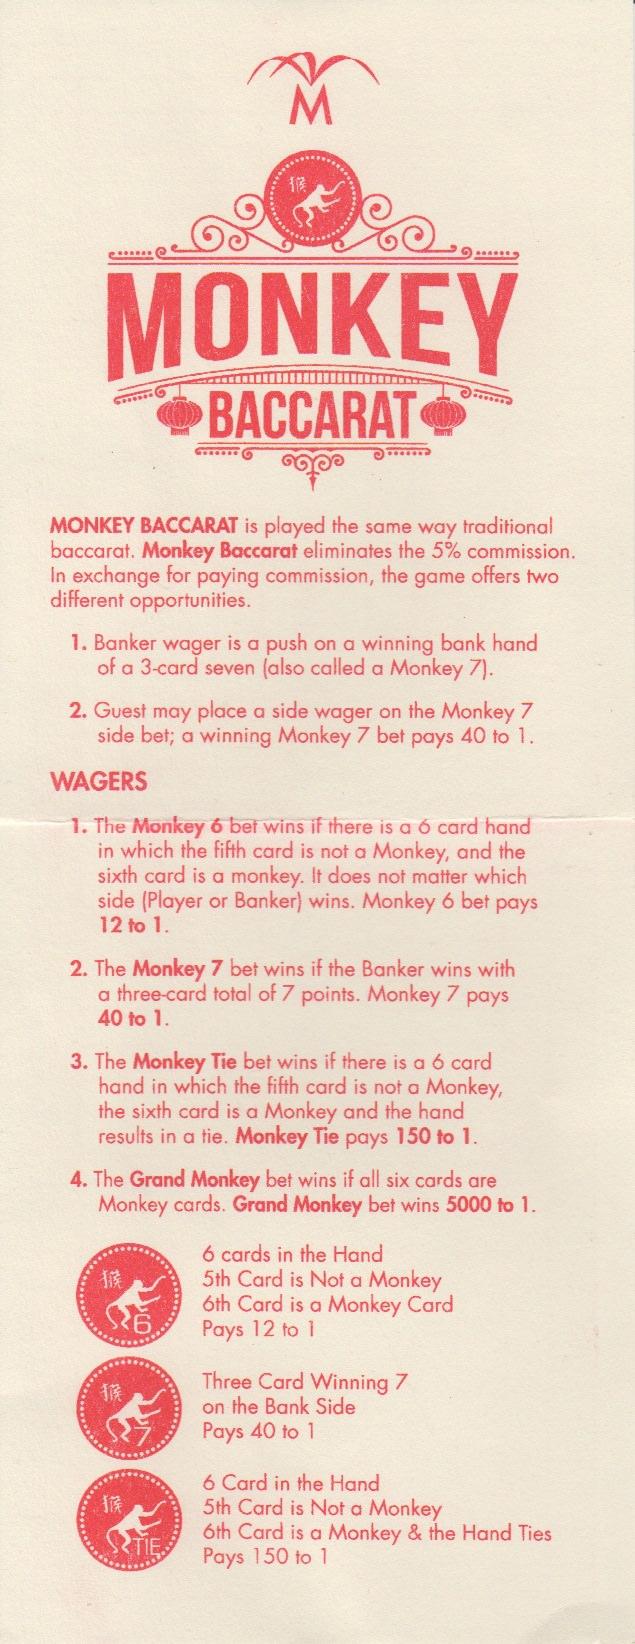 Monkey Baccarat